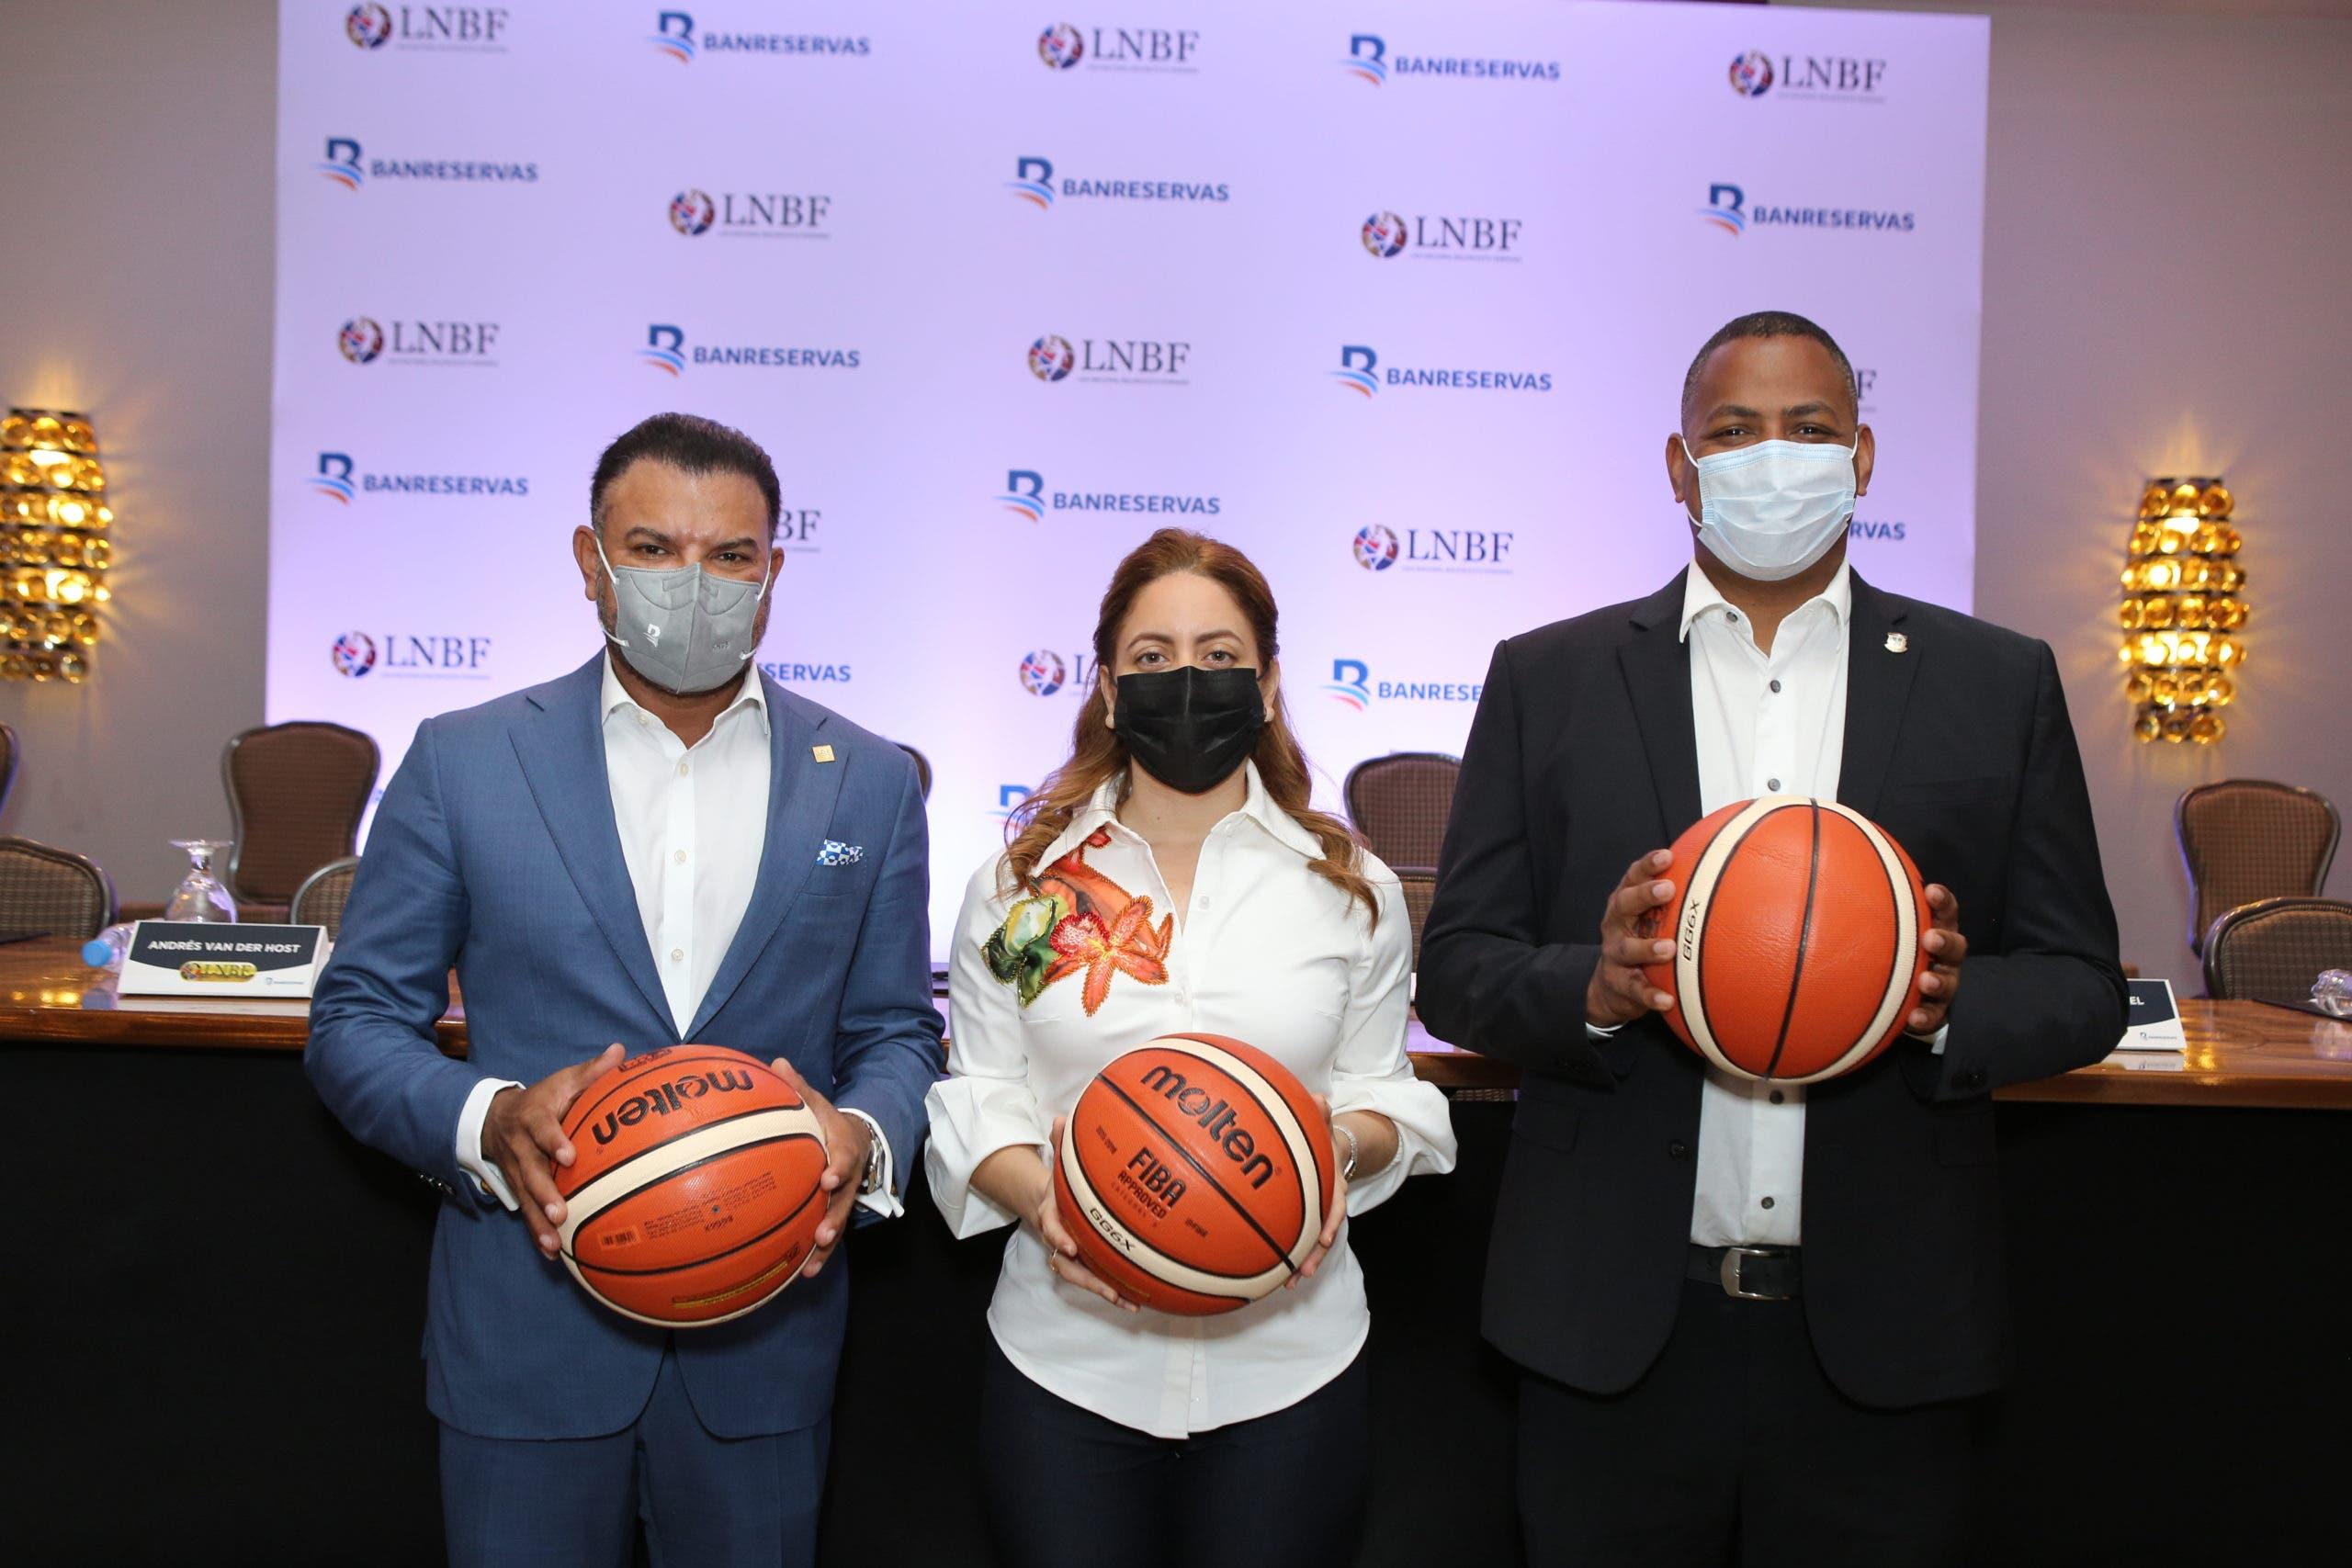 Anuncian celebración torneo 2021 de la Liga Nacional de Baloncesto Femenino